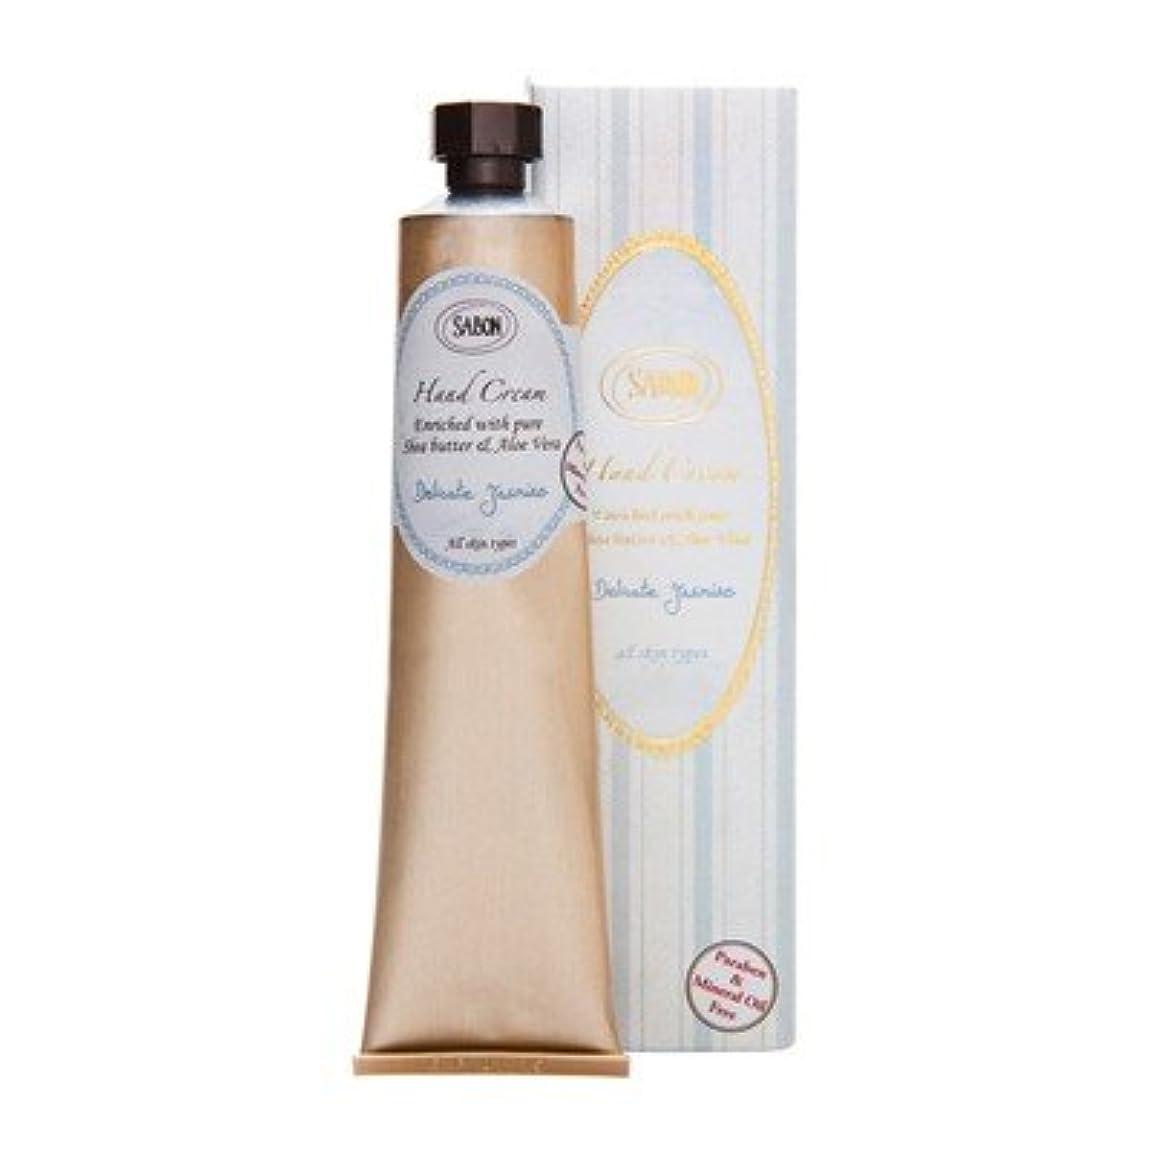 端パケット機関車【SABON(サボン)】ハンド クリーム デリケート ジャスミン Hand Cream Delicate Jasmine